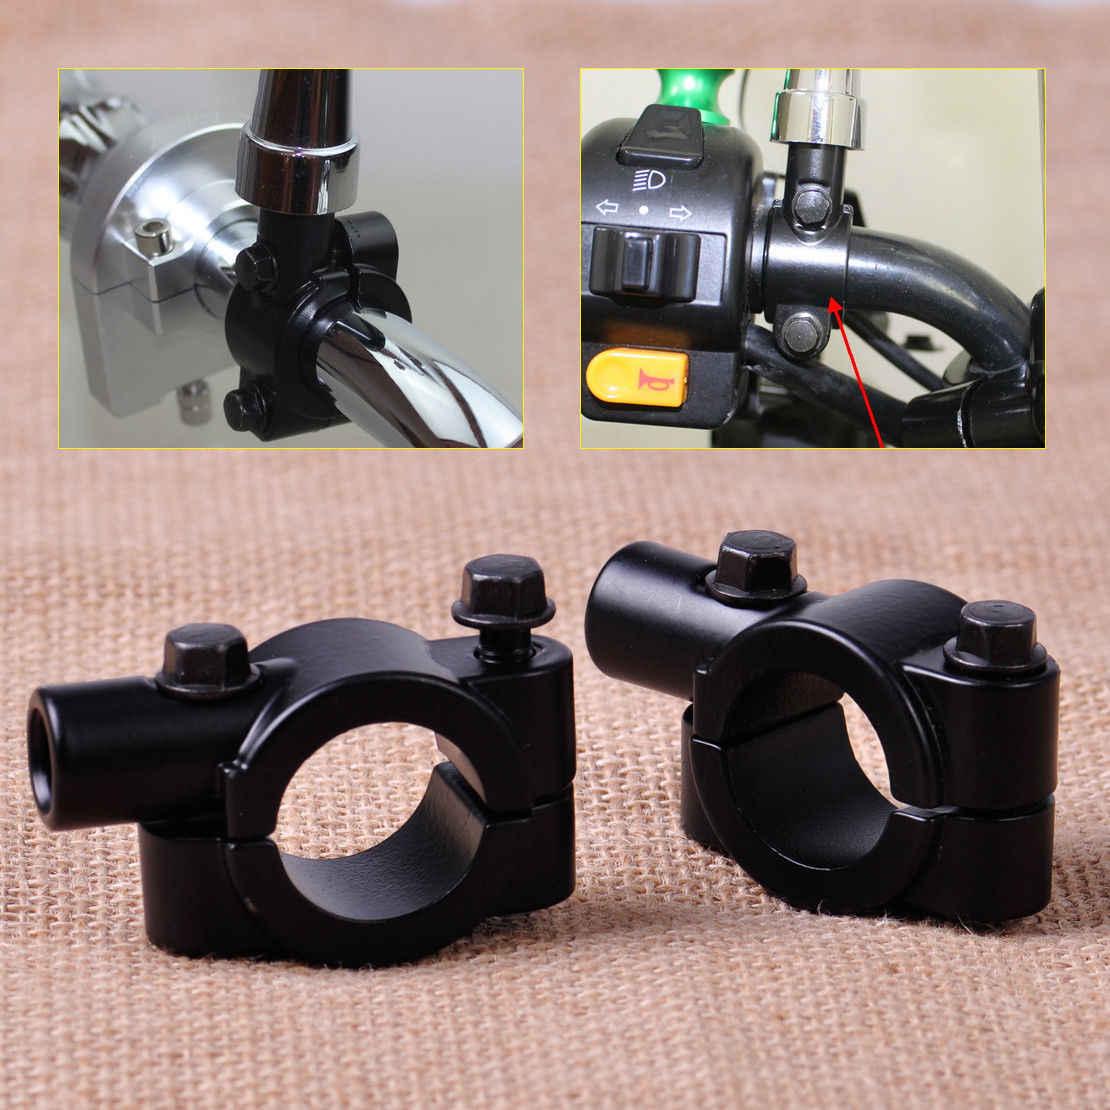 2 חתיכות אופנוע Rearview מלחציים ידית בר מראה מתאם 10mm חוט הר מחזיק ציפורני אופנוע & חלקים